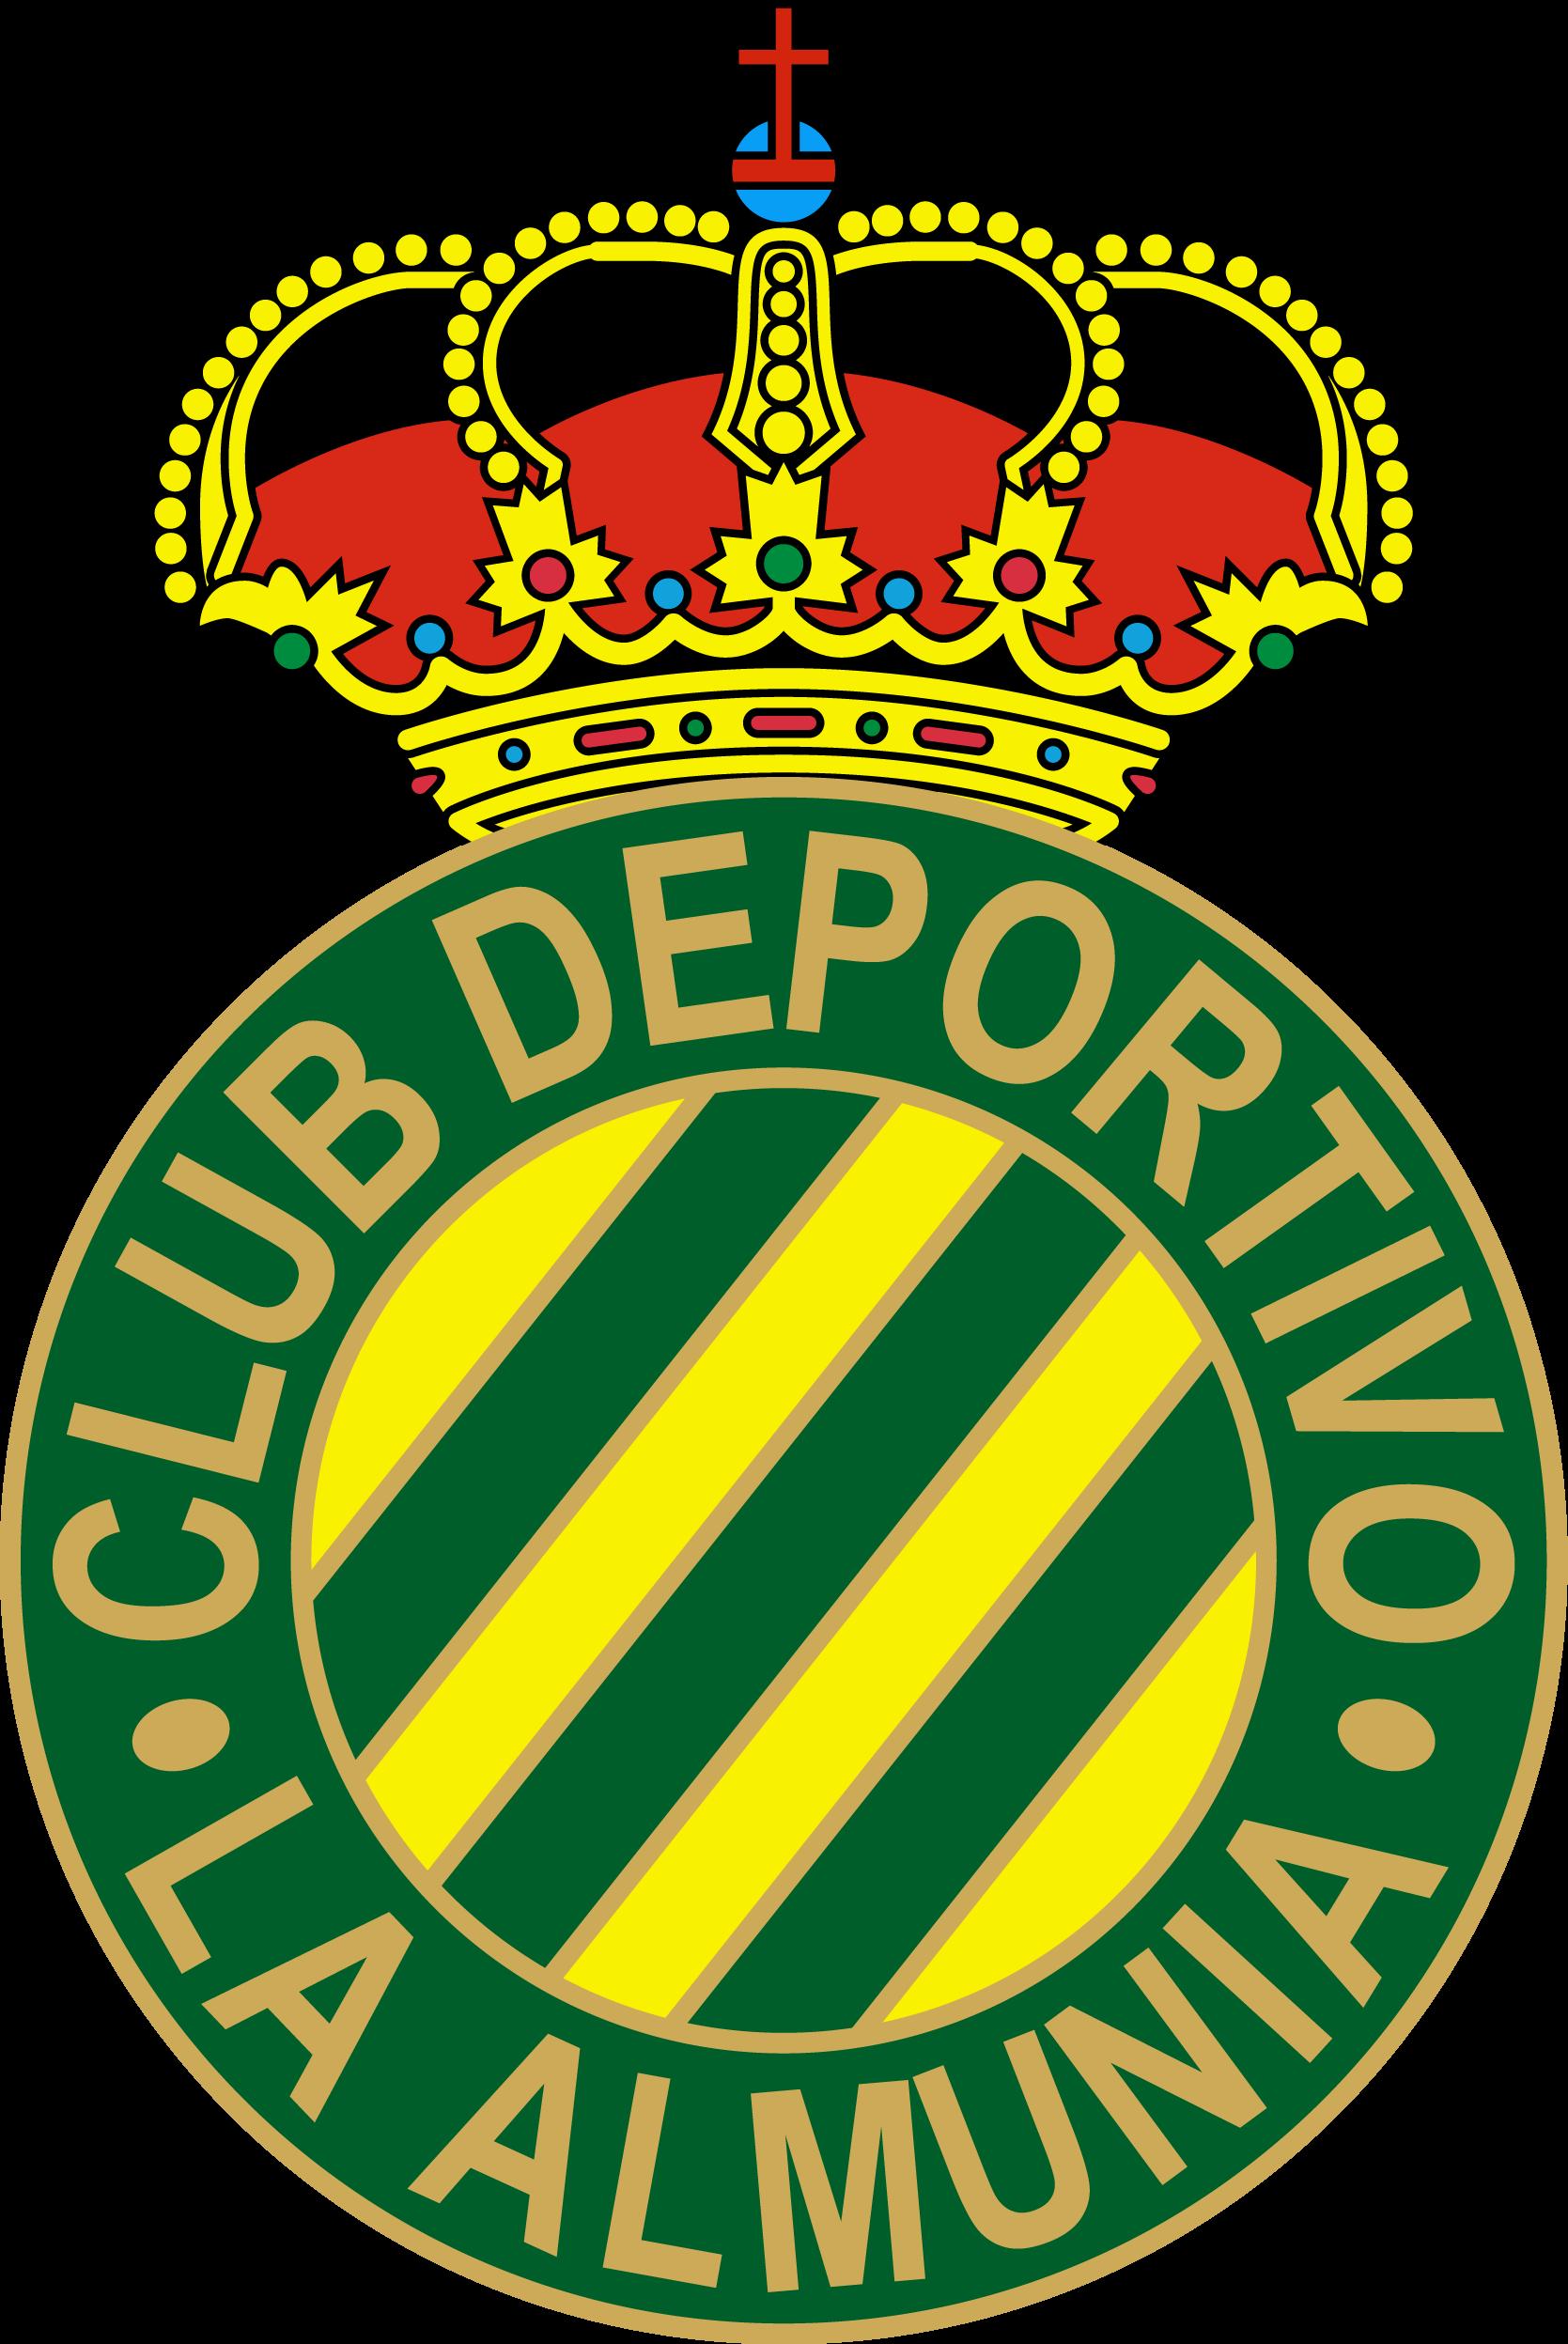 La Almunia logo